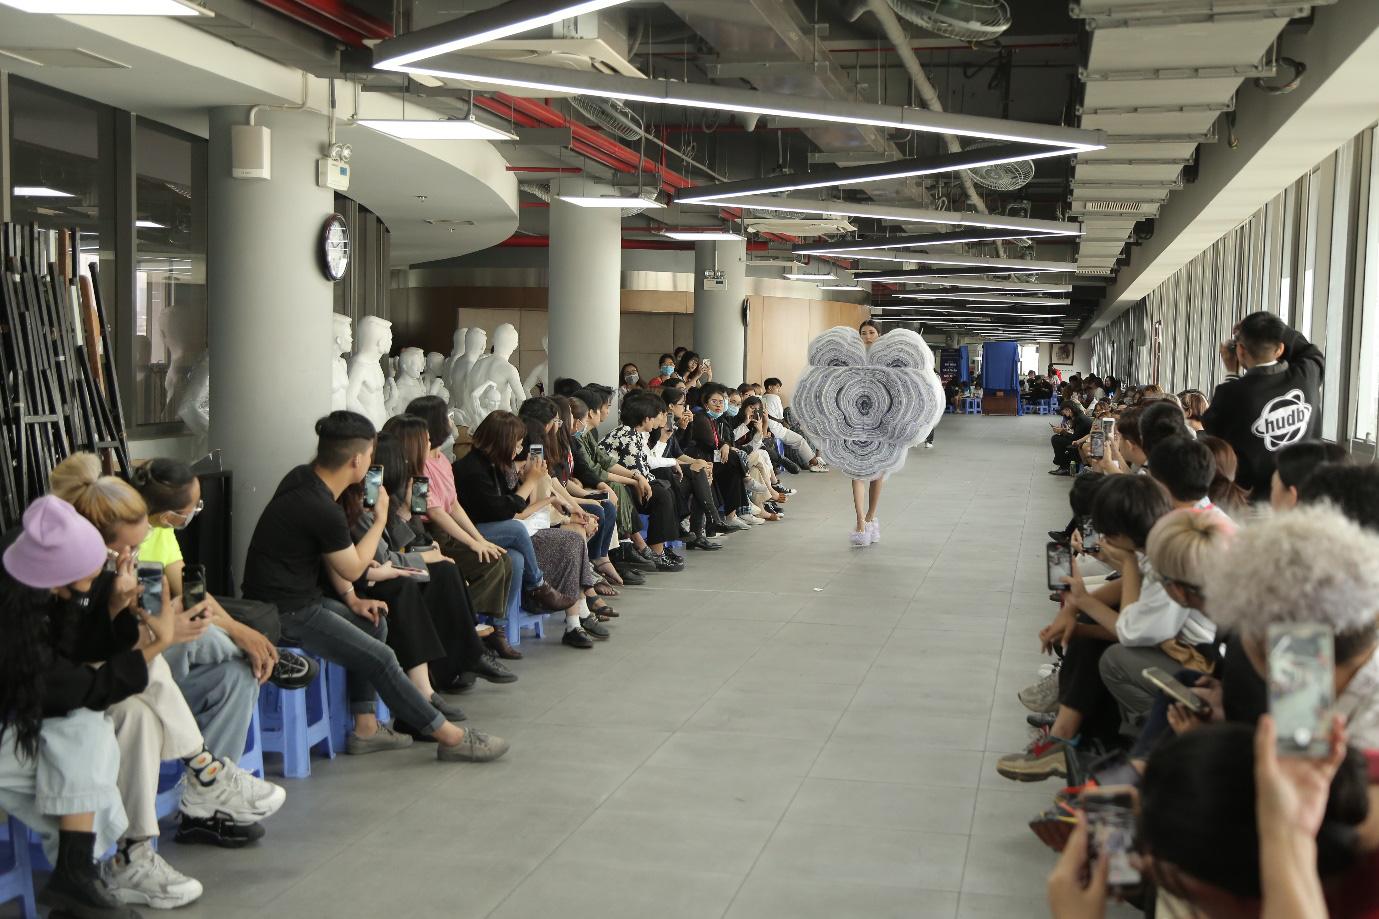 Đại học Văn Lang chính thức công bố đào tạo ngành Thiết kế Mỹ thuật số - Ảnh 2.